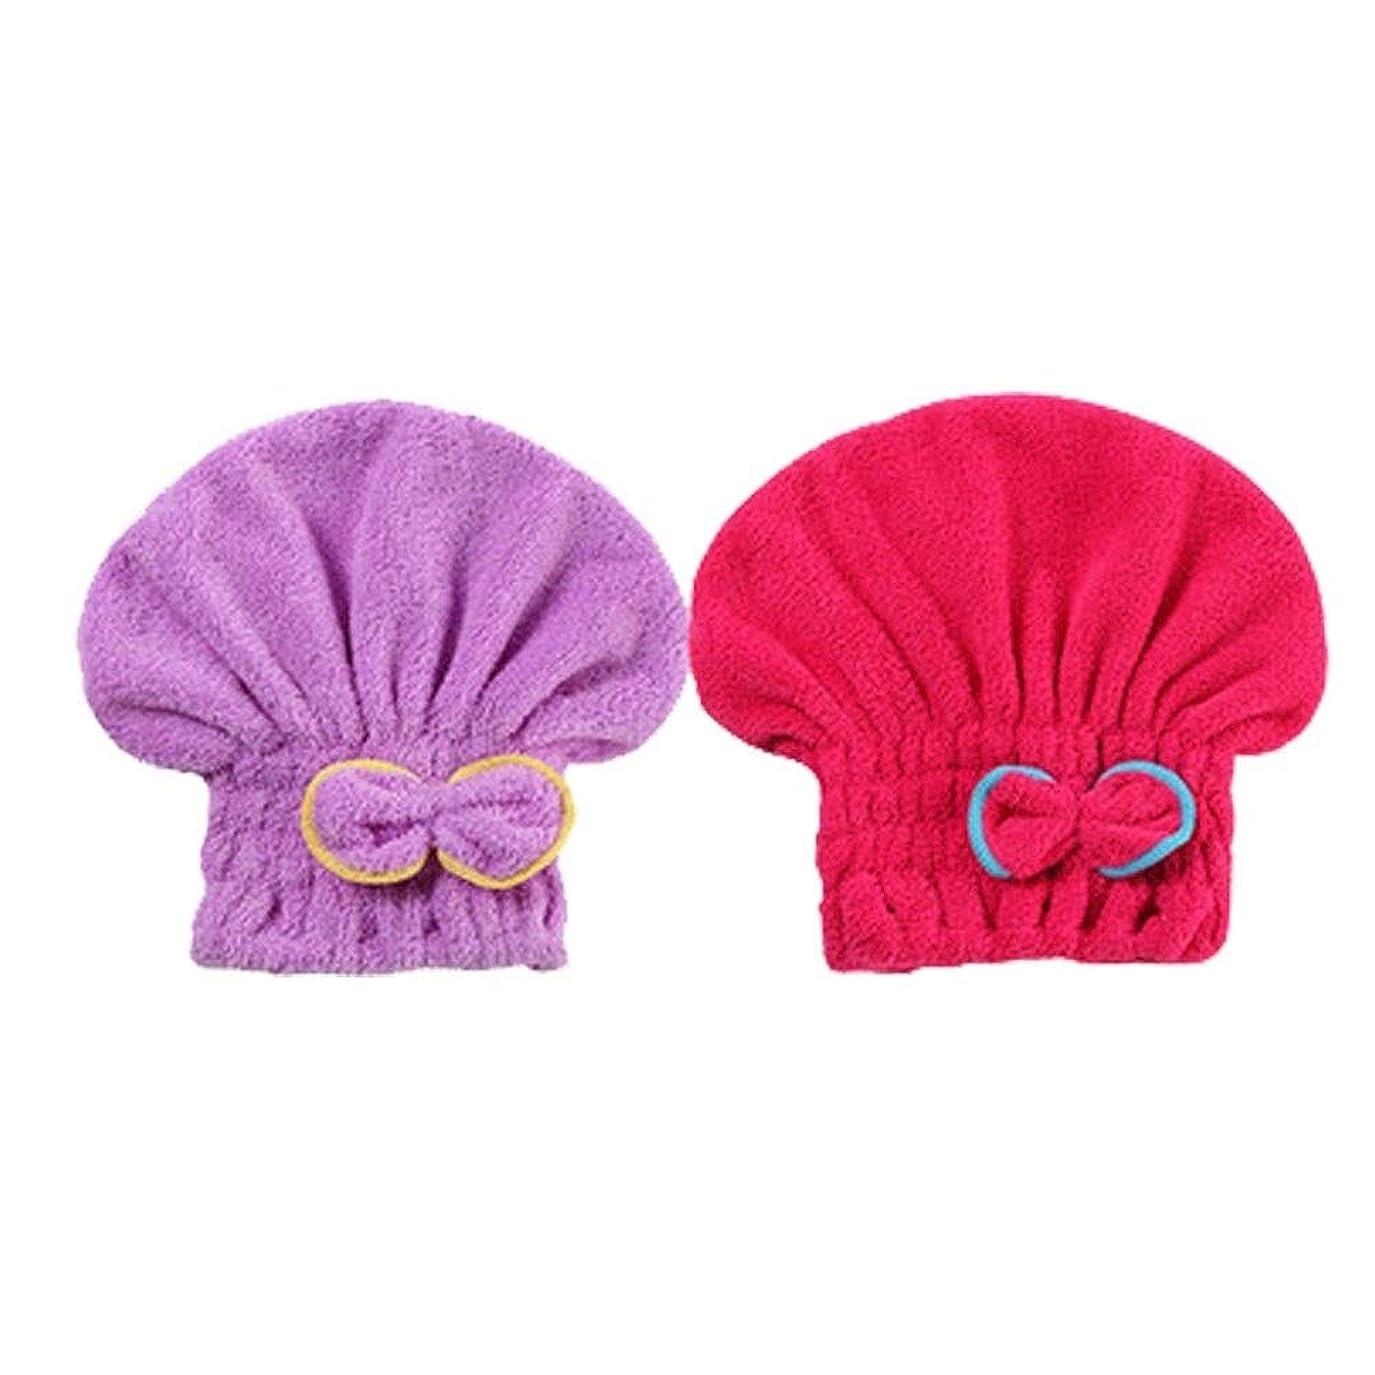 徹底宣教師ワゴンDKX シャワーキャップ、女性の女性のためのドライシャワーキャップデラックスシャワーキャップを、すべての髪の長さや太さ、再利用可能なシャワー。 髪のタイムリーな保護 (Color : 5)